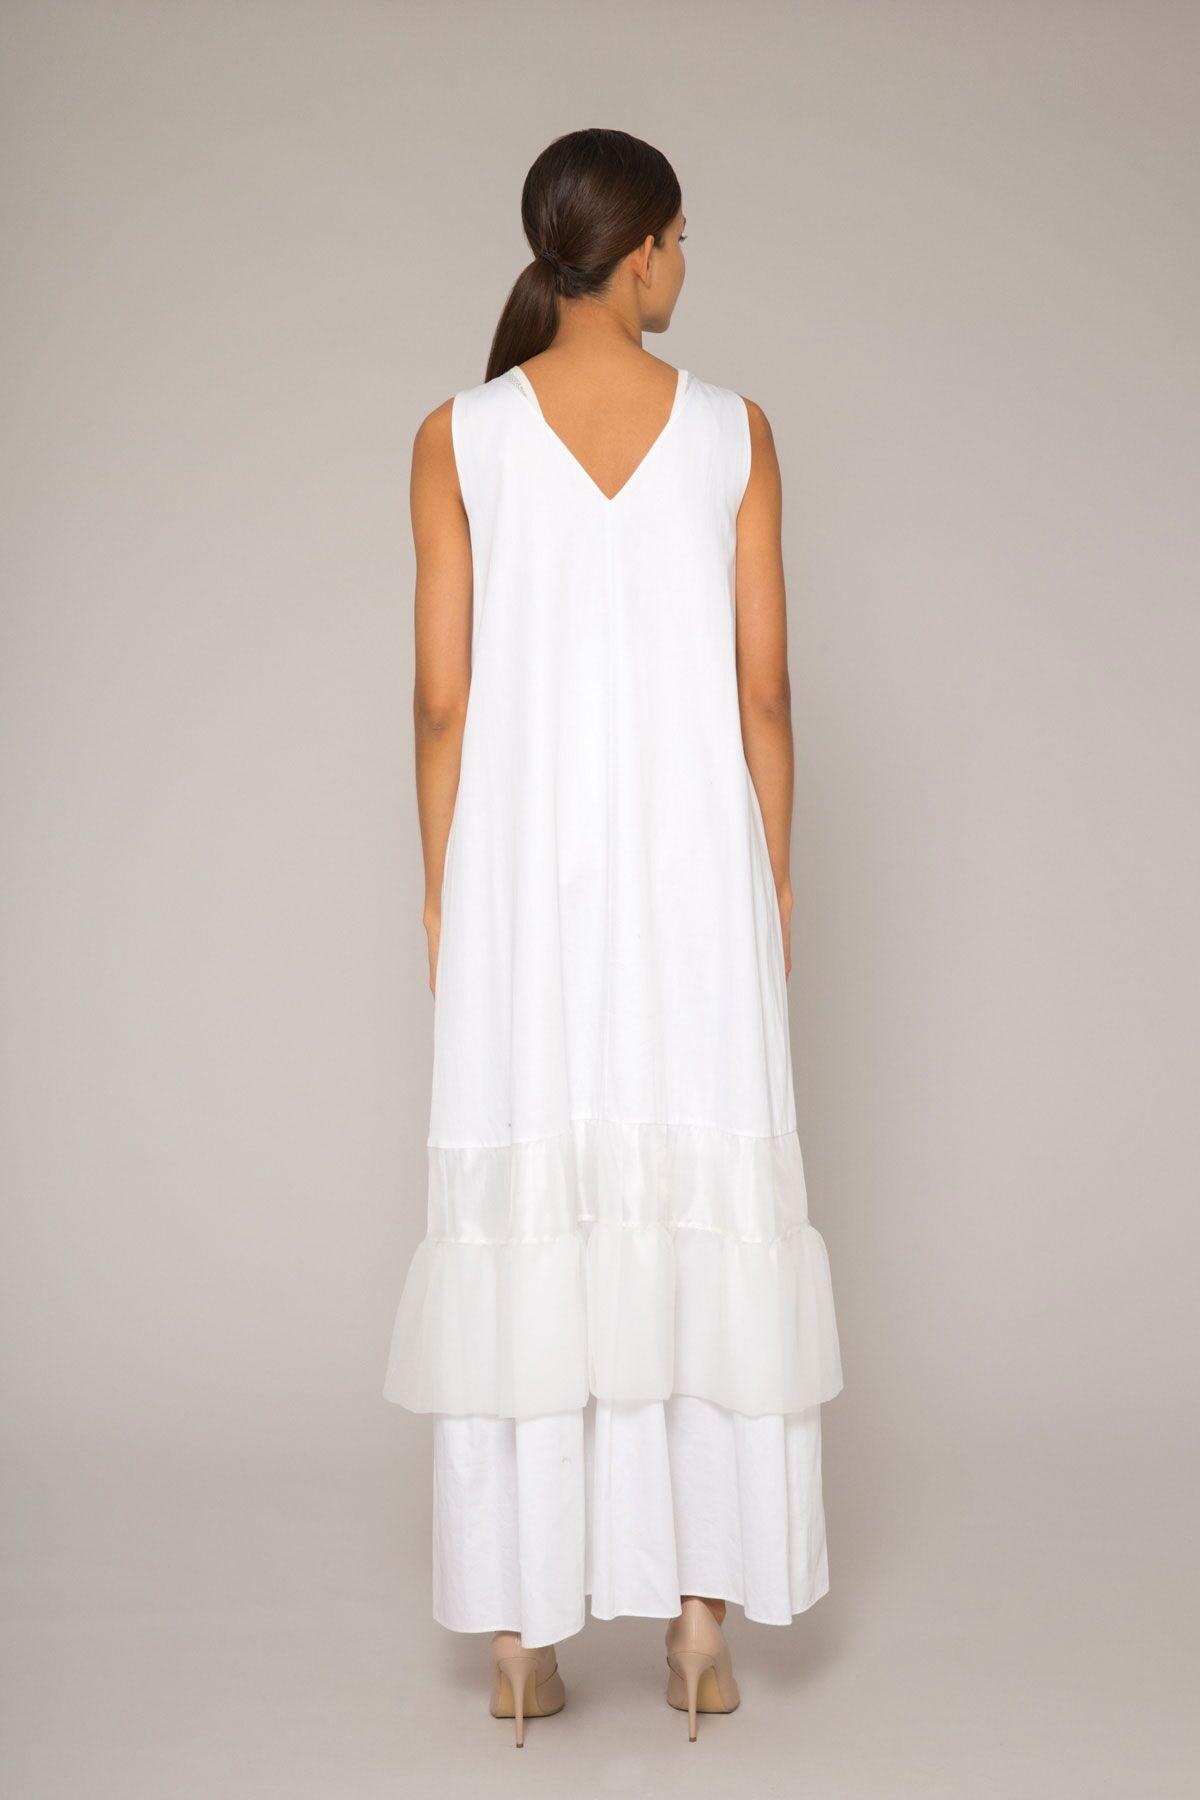 Triko Detaylı, Renkli Nakış Aplikeli Beyaz Poplin Uzun Elbise